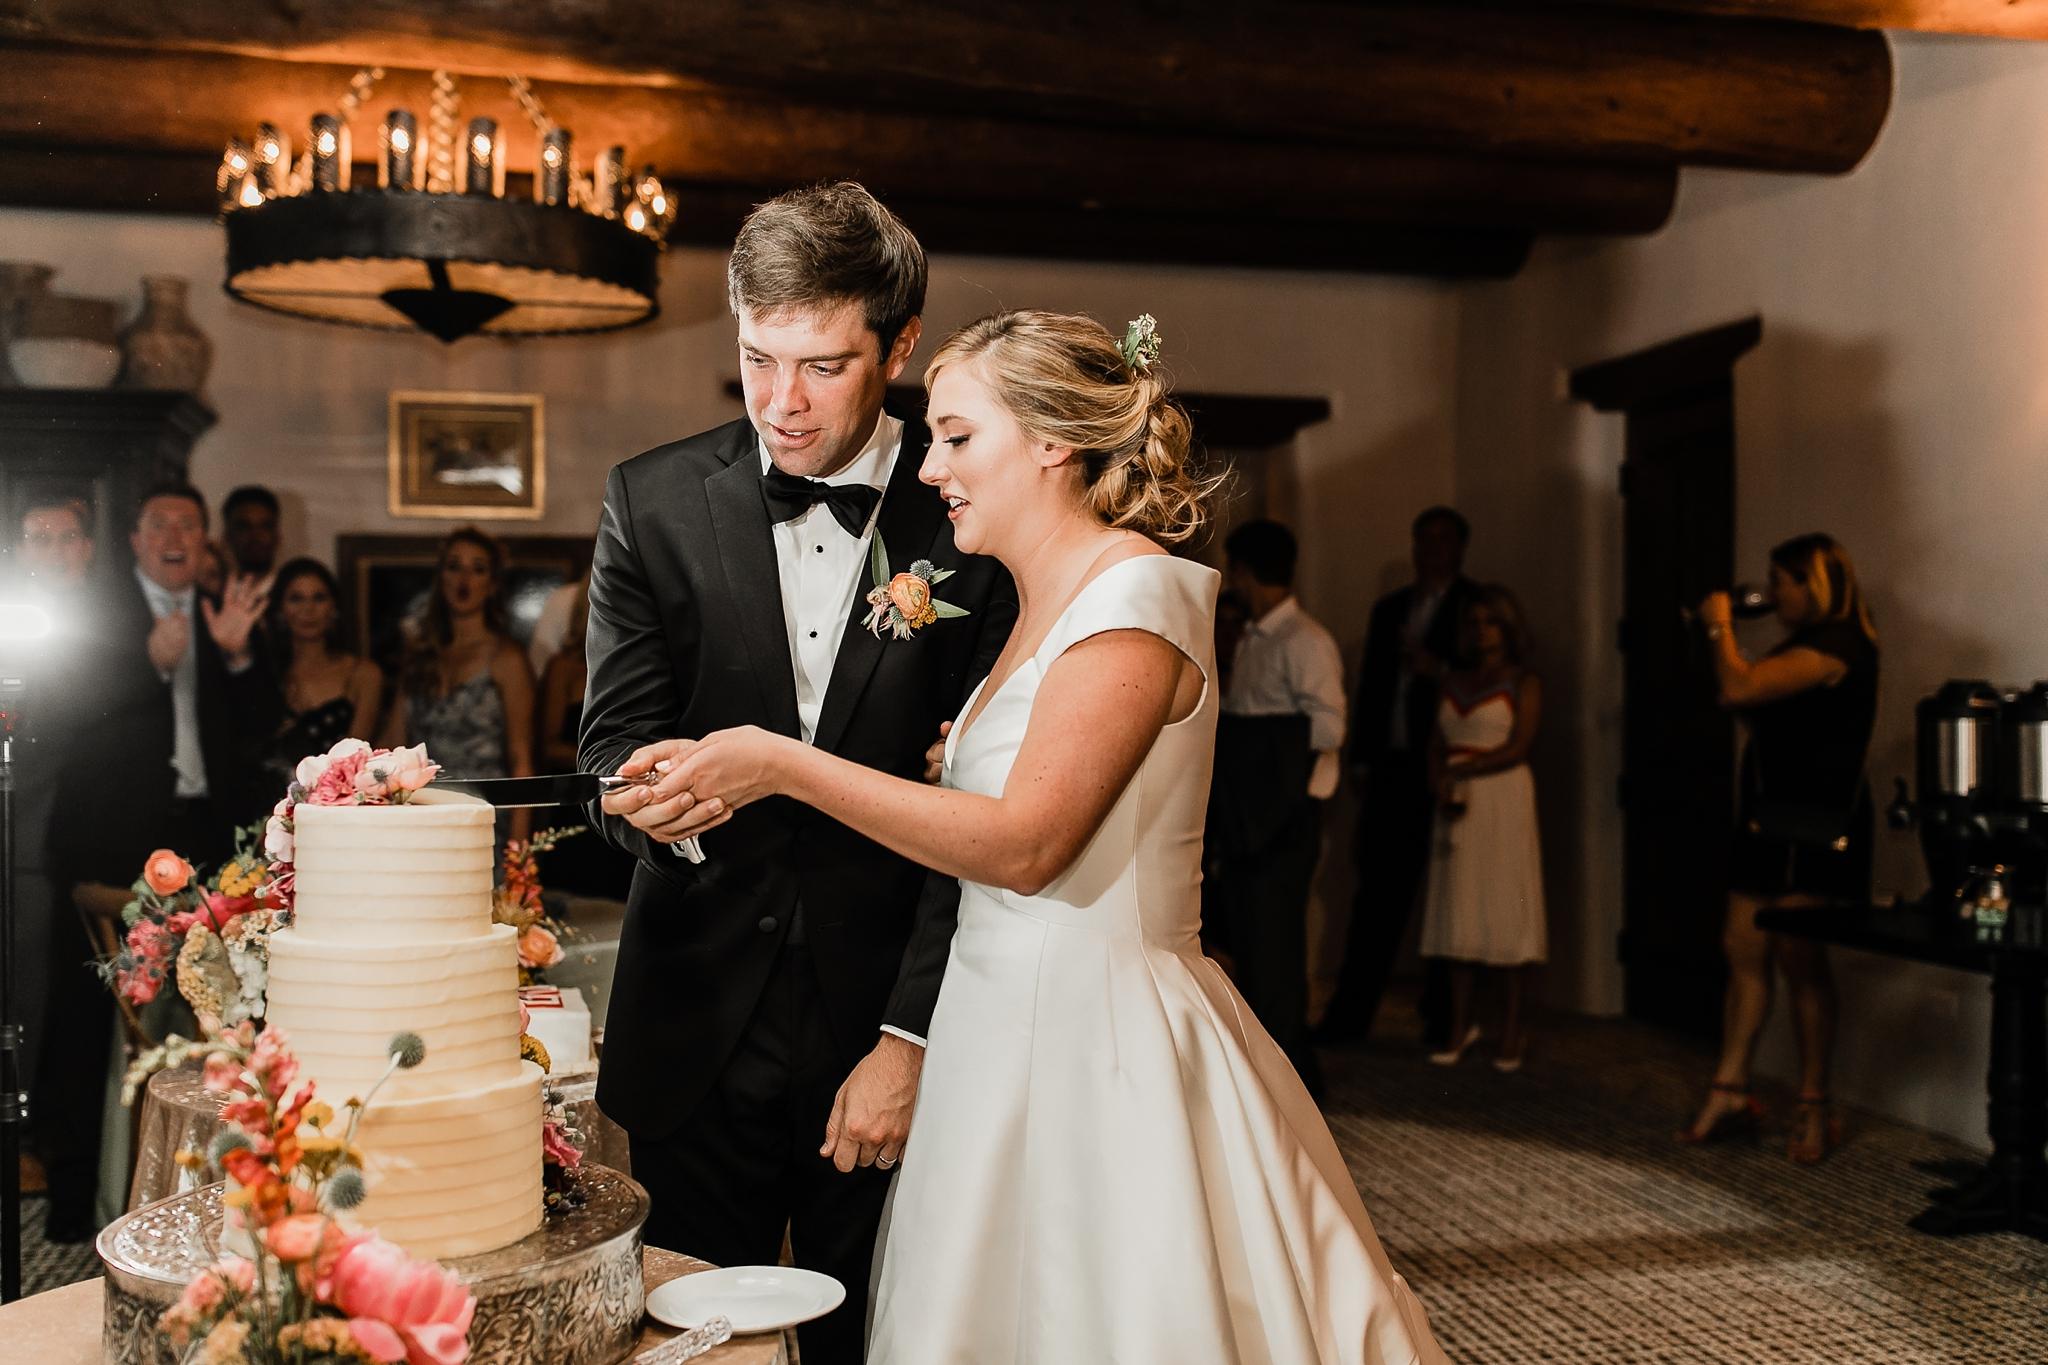 Alicia+lucia+photography+-+albuquerque+wedding+photographer+-+santa+fe+wedding+photography+-+new+mexico+wedding+photographer+-+new+mexico+wedding+-+las+campanas+wedding+-+santa+fe+wedding+-+maximalist+wedding+-+destination+wedding_0146.jpg